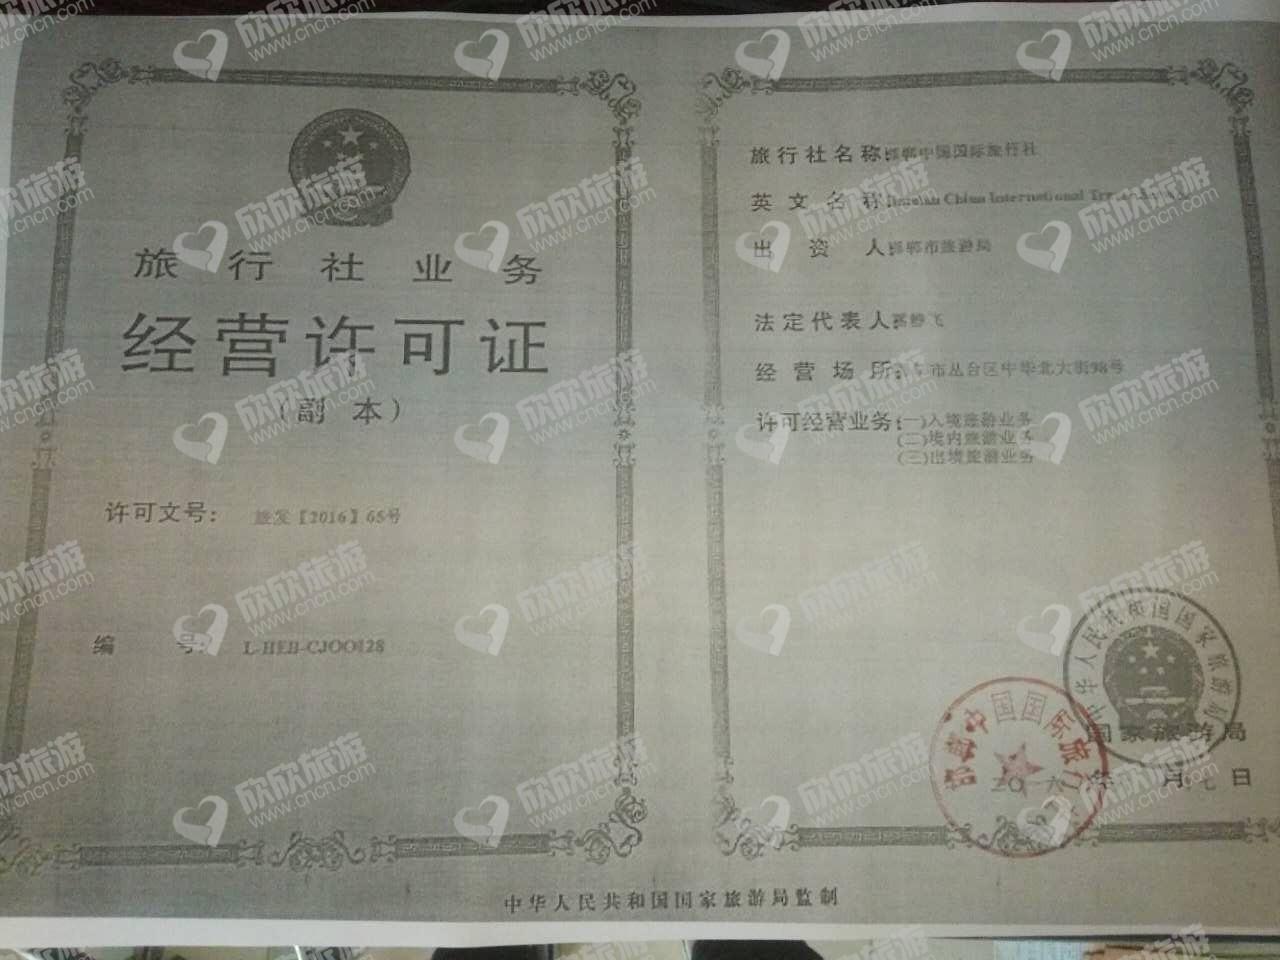 经营许可证 邯郸中国国际旅行社滏东门市部